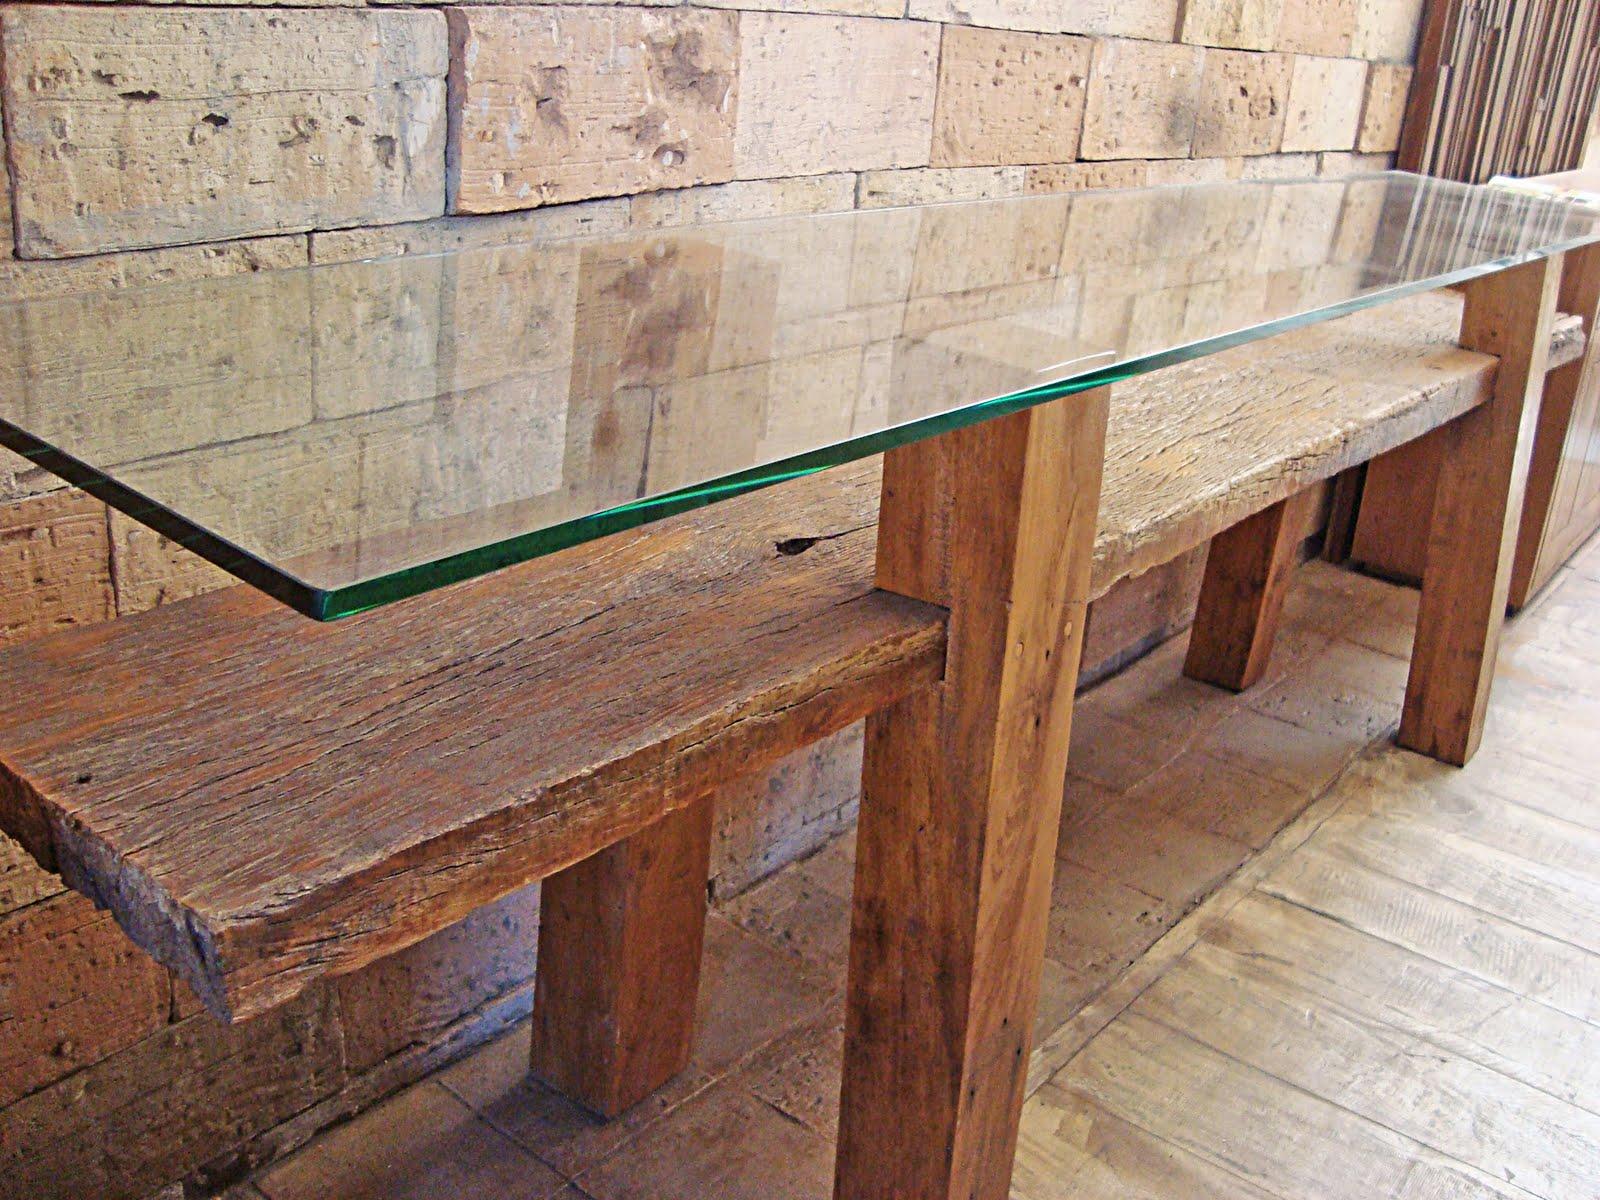 Locação de móveis/EMPÓRIO BRASIL  aluguel mesas madeira/madeira de  #28826E 1600x1200